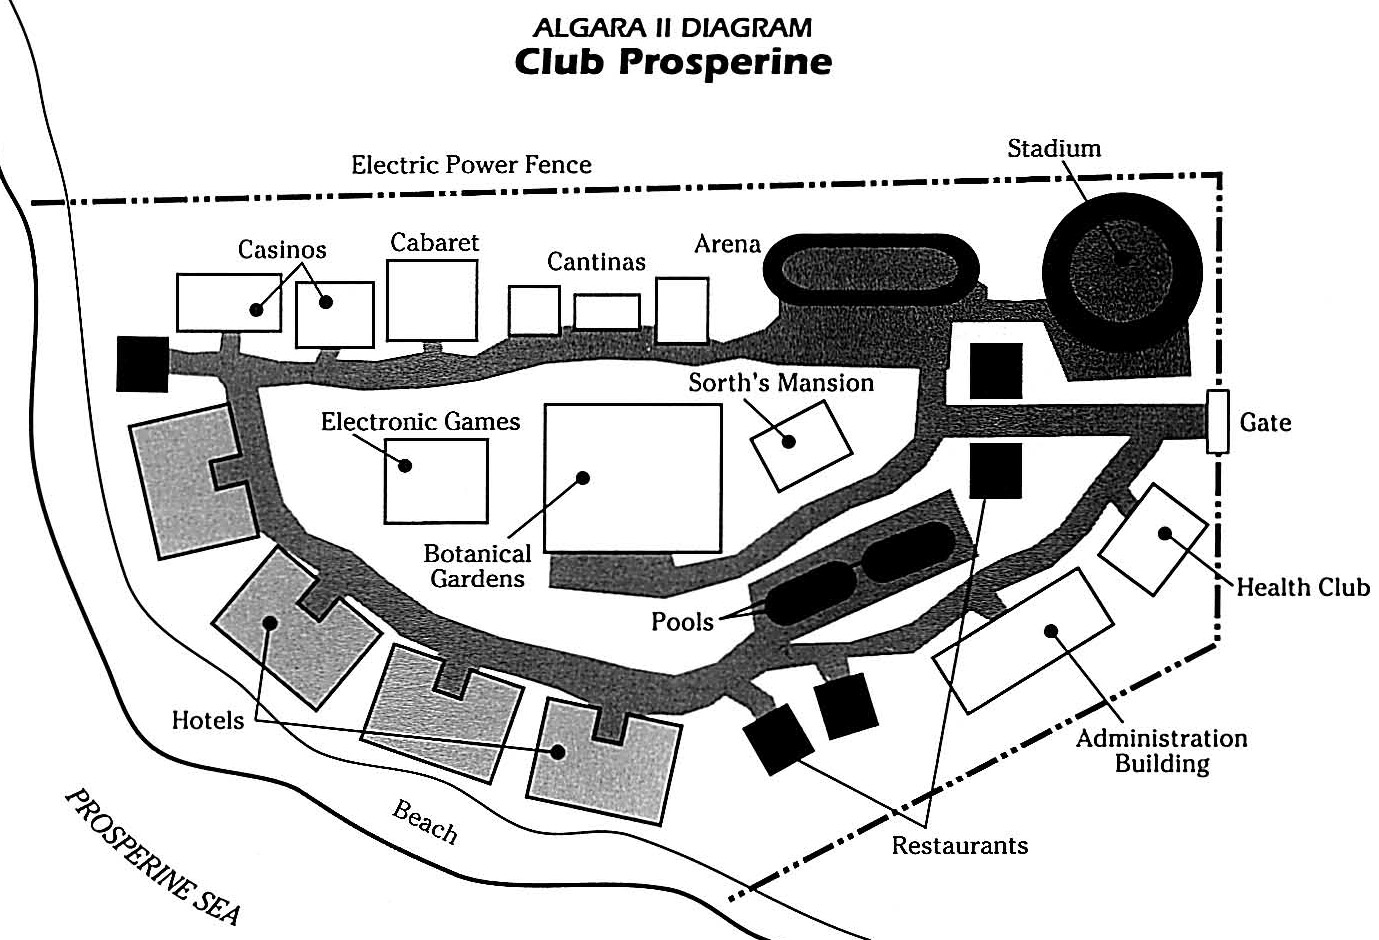 Club Prosperine